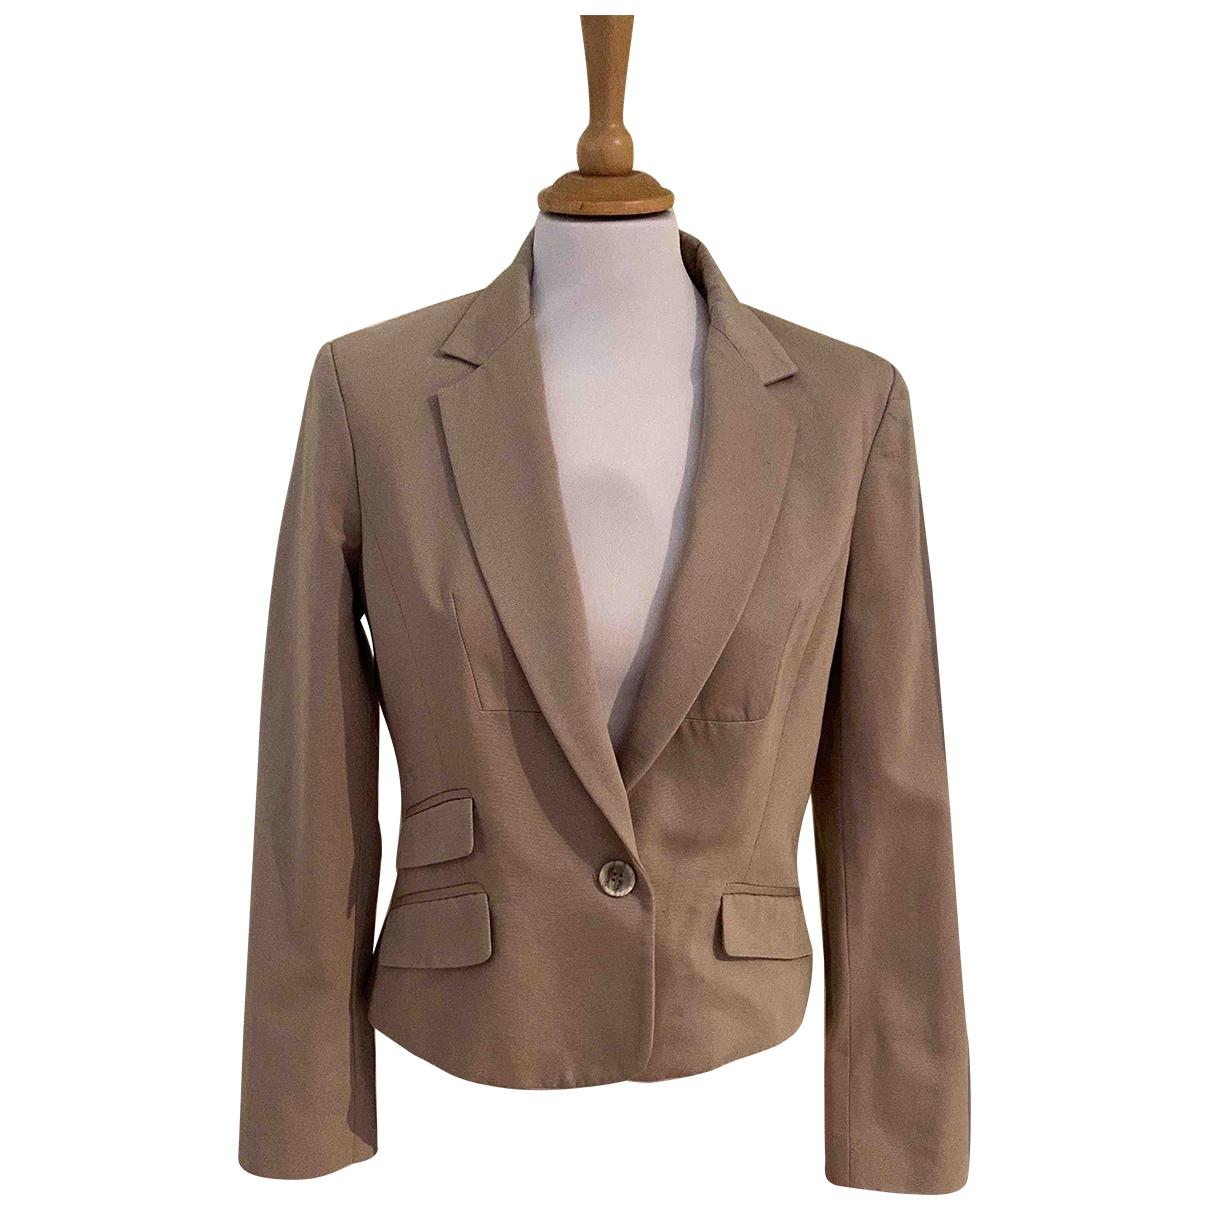 D&g - Veste   pour femme en coton - beige